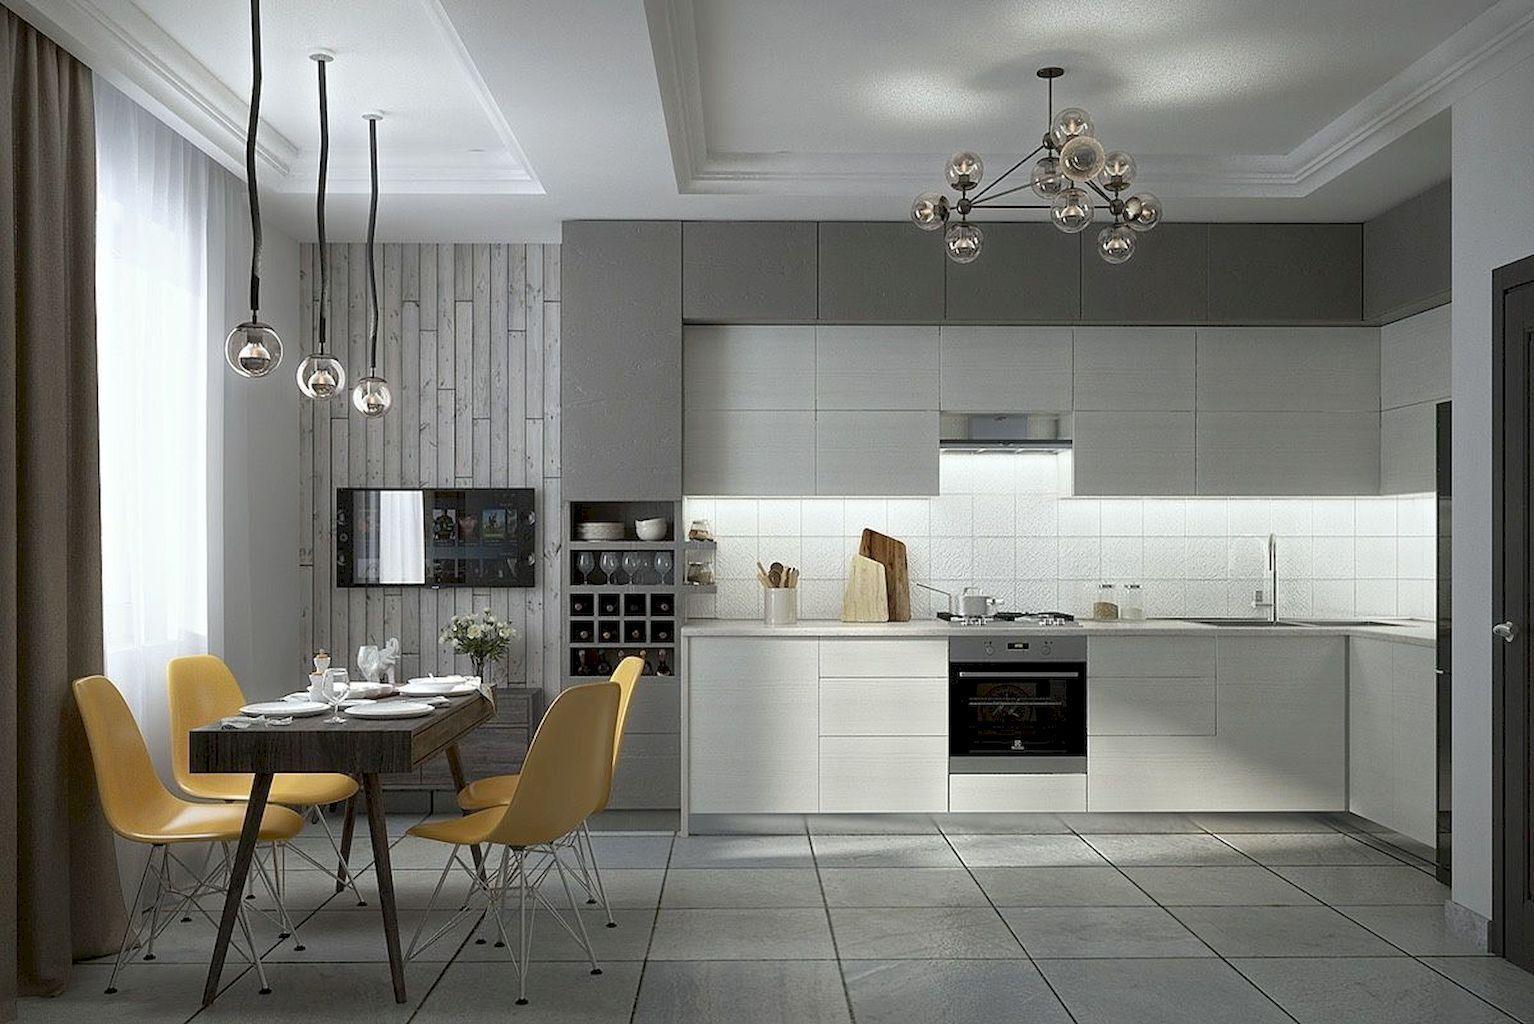 pin by my best kitchen designs on luxury kitchen ideas pinterest rh in pinterest com